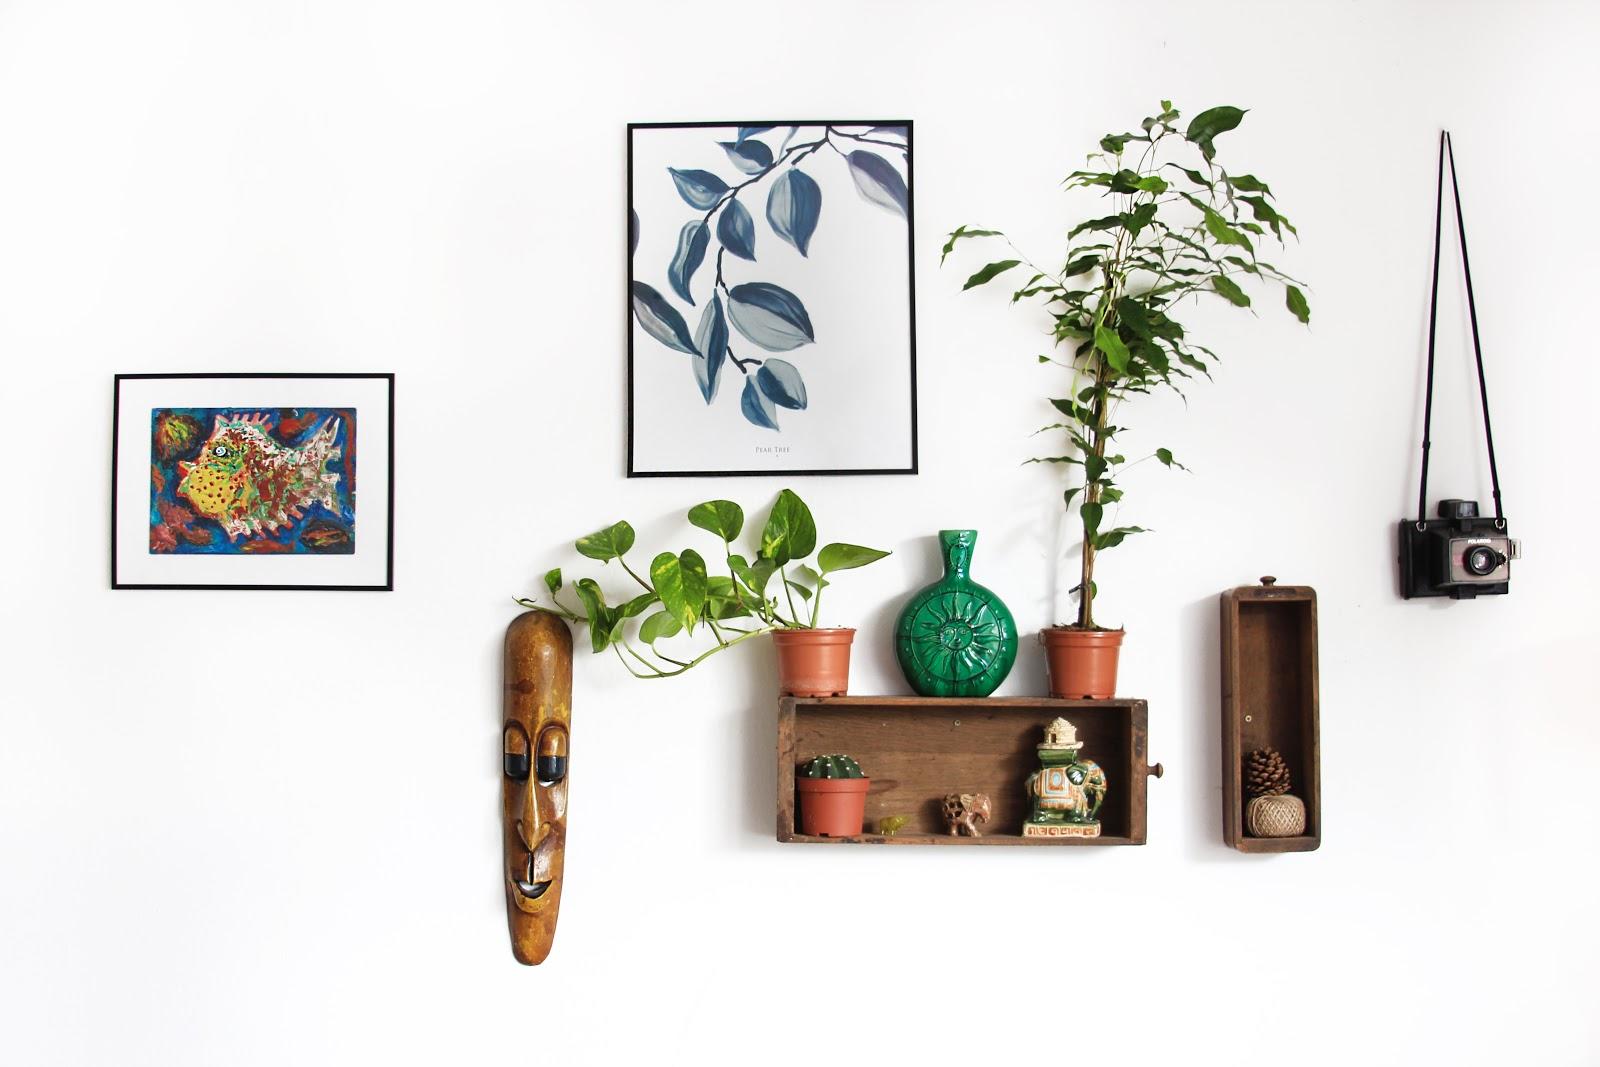 Vários quadros e objetos de decoração na parede.